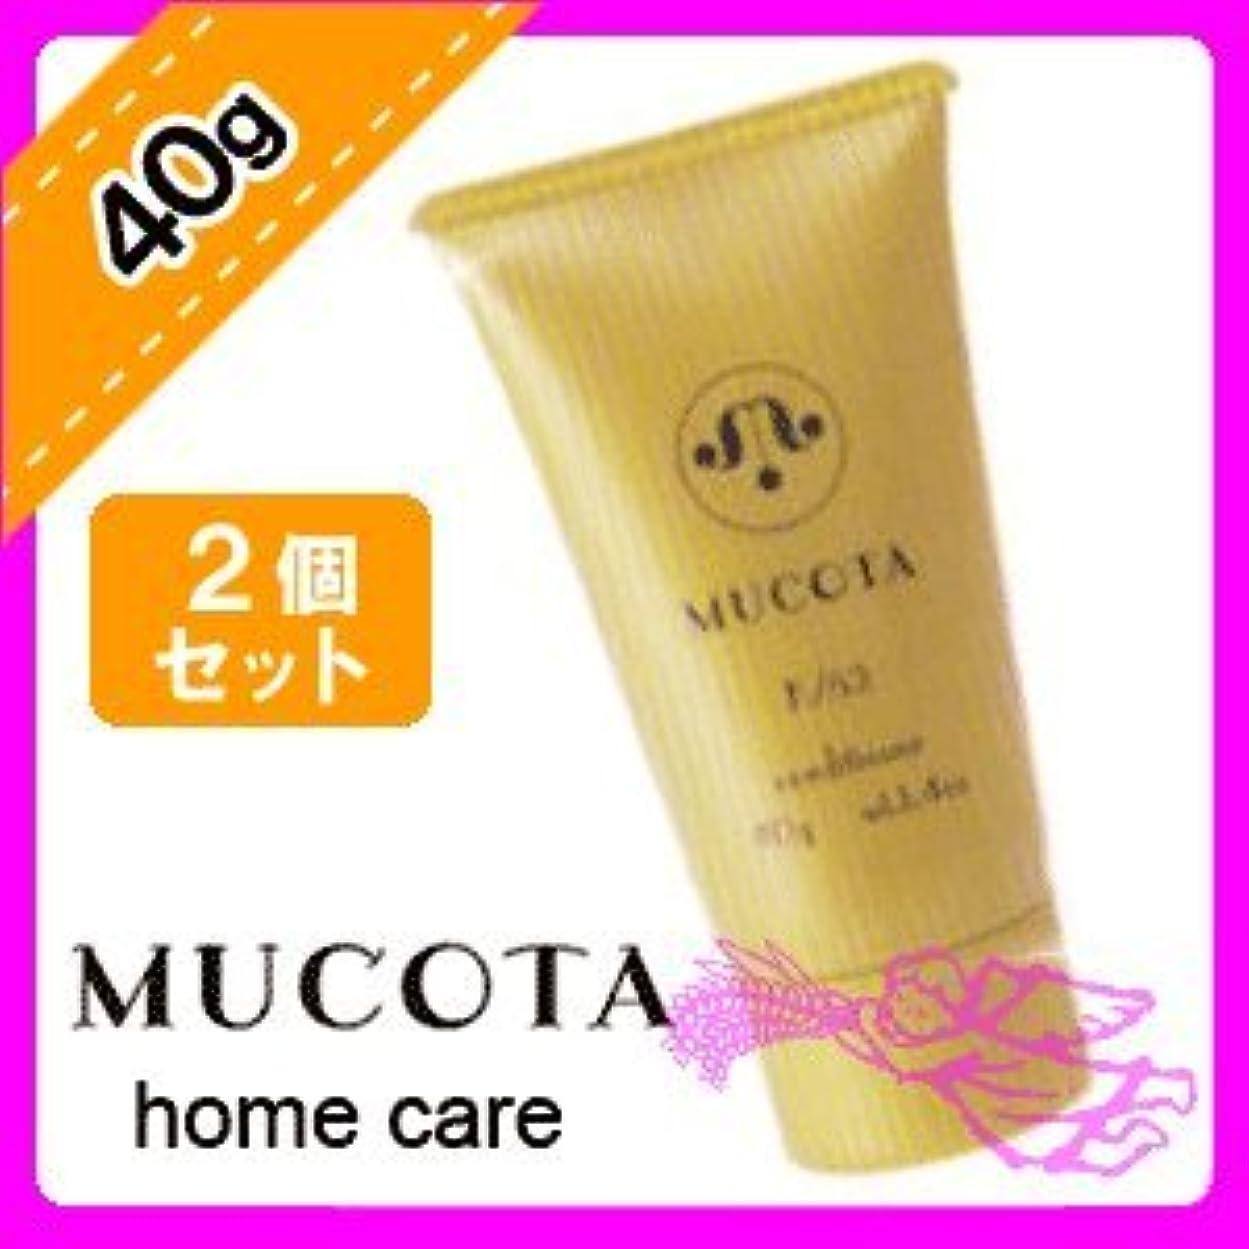 同じ契約する周囲ムコタ ホームケア コンディショナー K/52 40g × 2個 セット MUCOTA Home Care